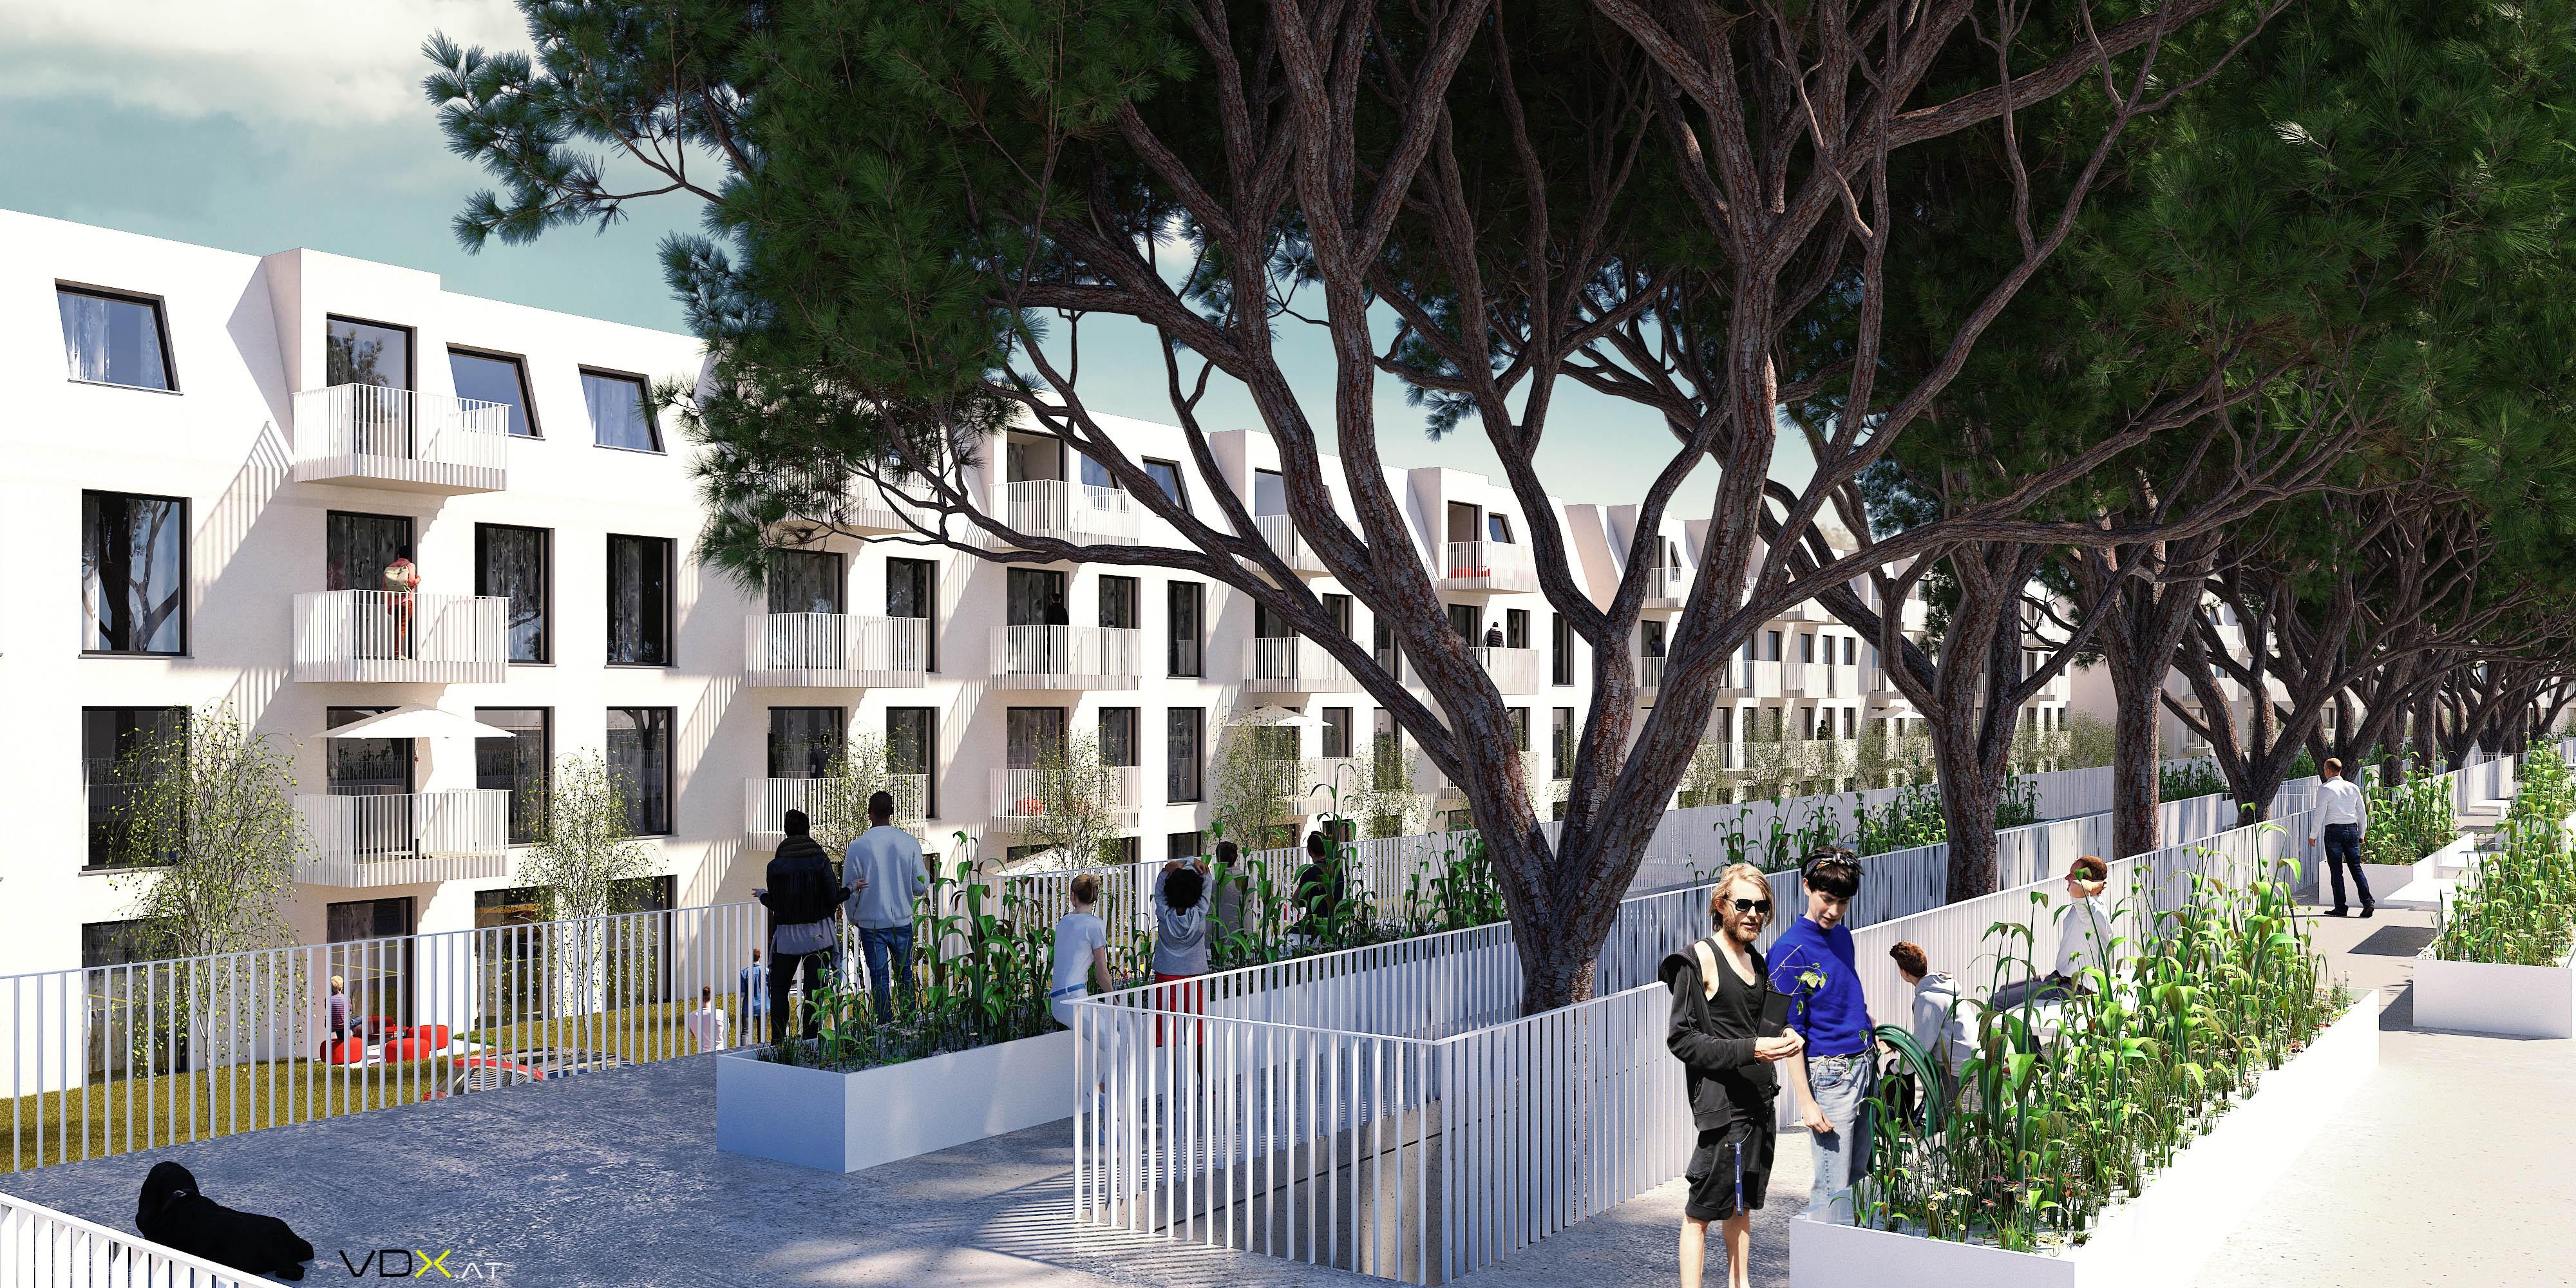 © RUNSER / PRANTL architekten, Passiv Wohnhausanlage, 2700 Wiener Neustadt, Niederösterreich, Österreich, Wettbewerb, 2016, Passiv Wohnhausanlage